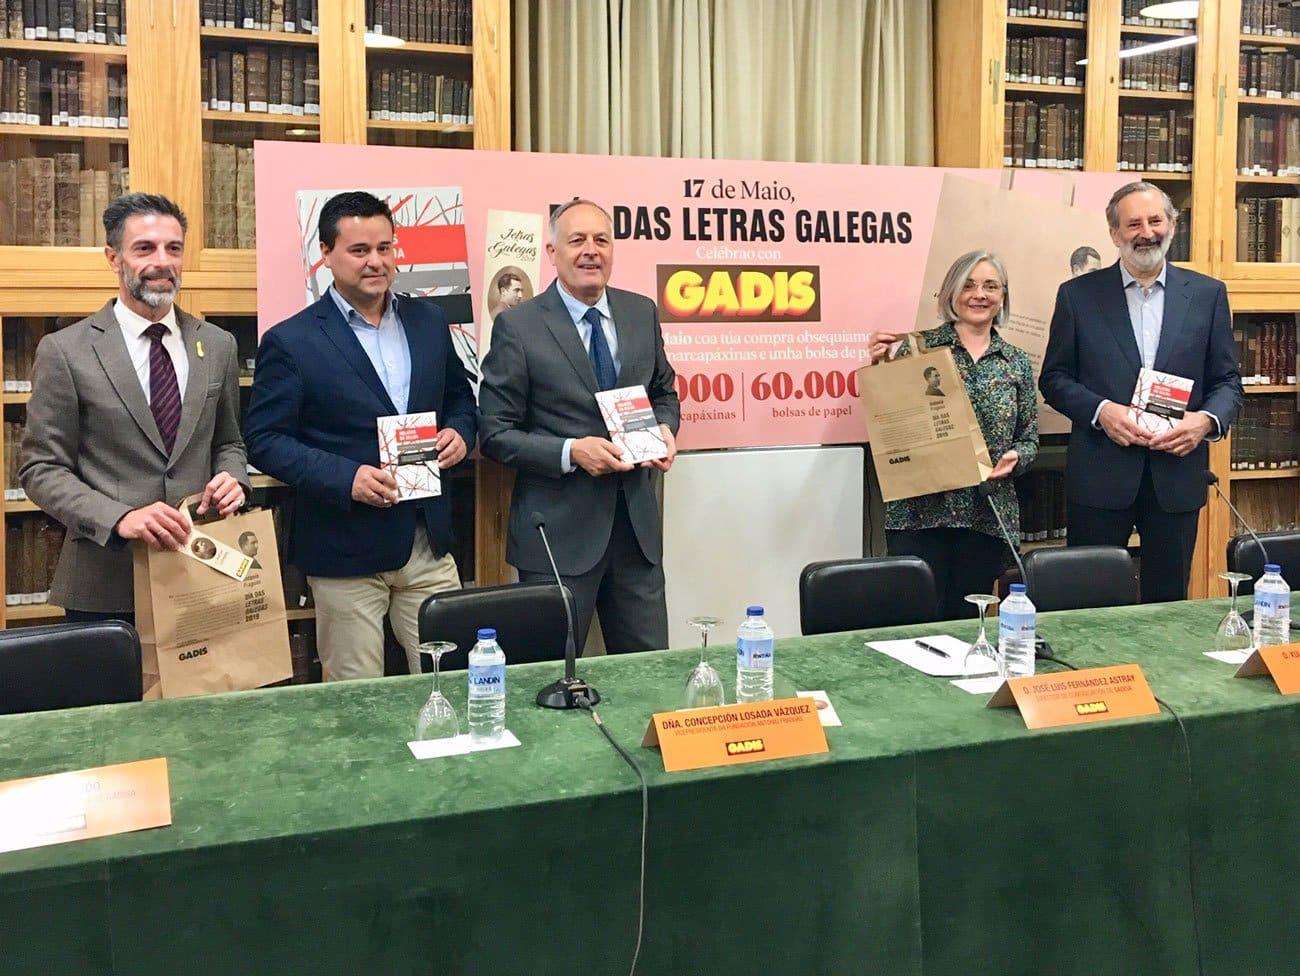 GADIS edita 30.000 libros e difunde o legado de Antonio Fraguas en marcapáxinas e bolsas da compra ao fío das letras galegas